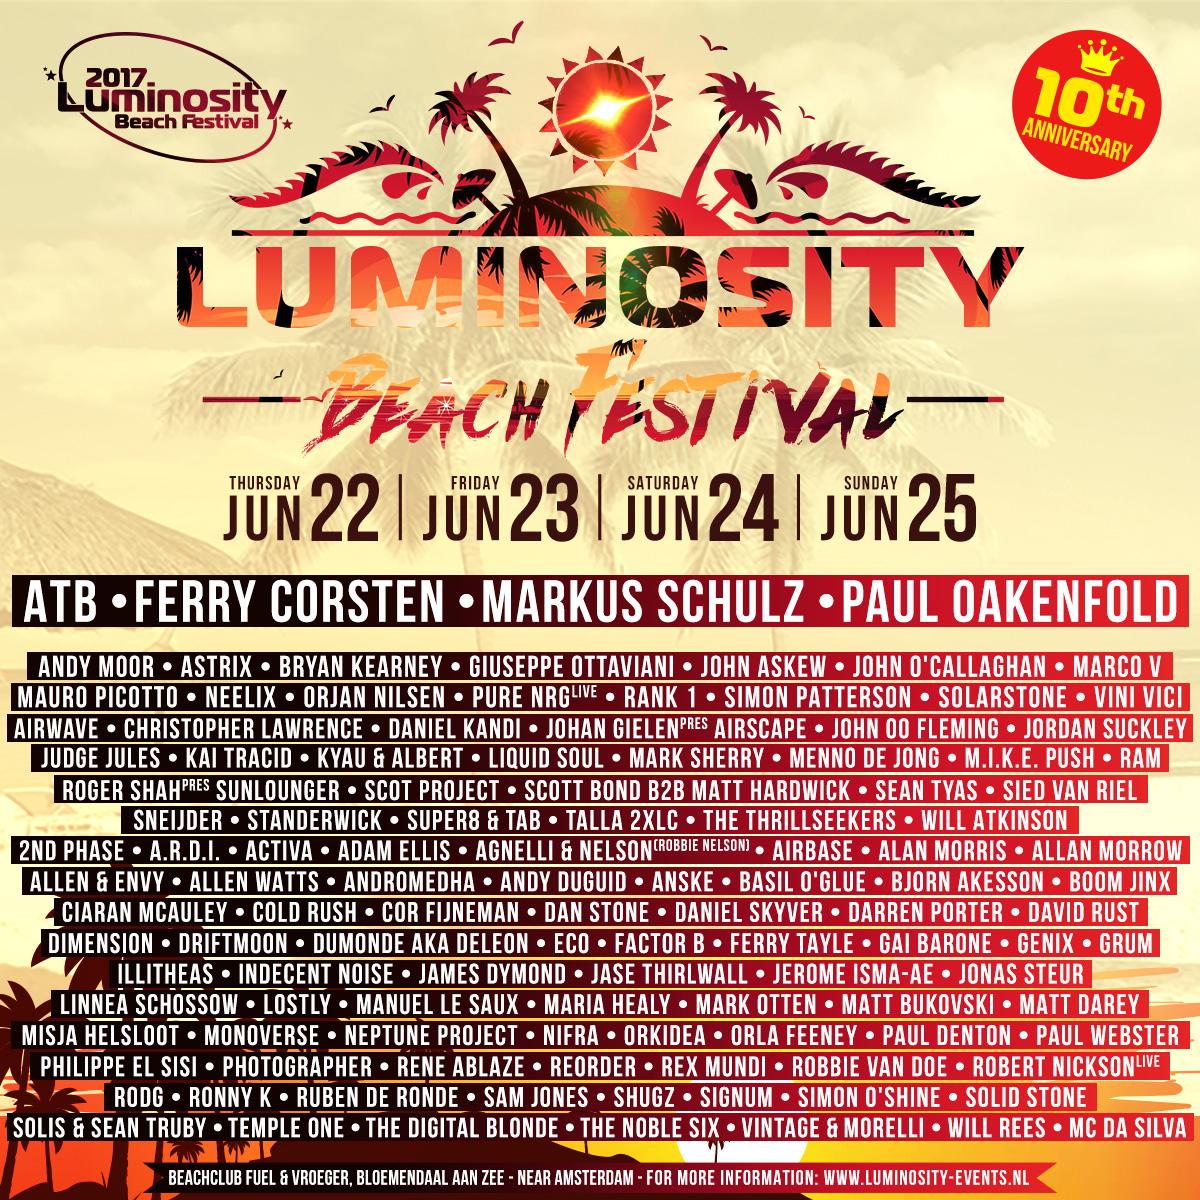 Luminosity Beach Festival 2017 – 10 Years Anniversary